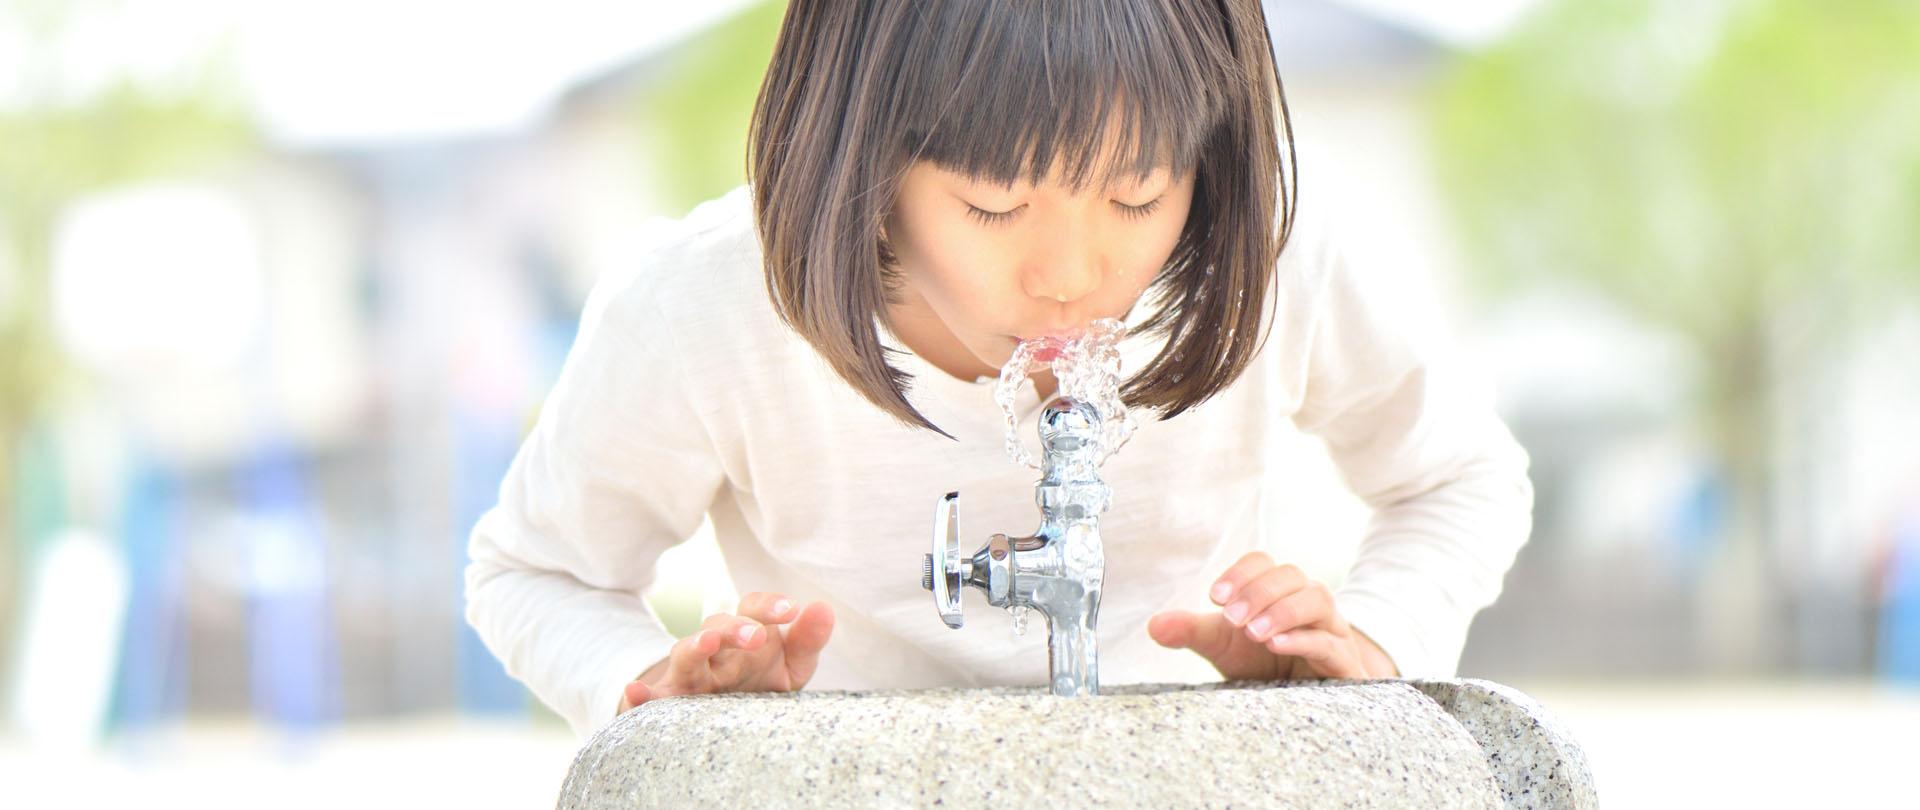 水、つながる、未来のために